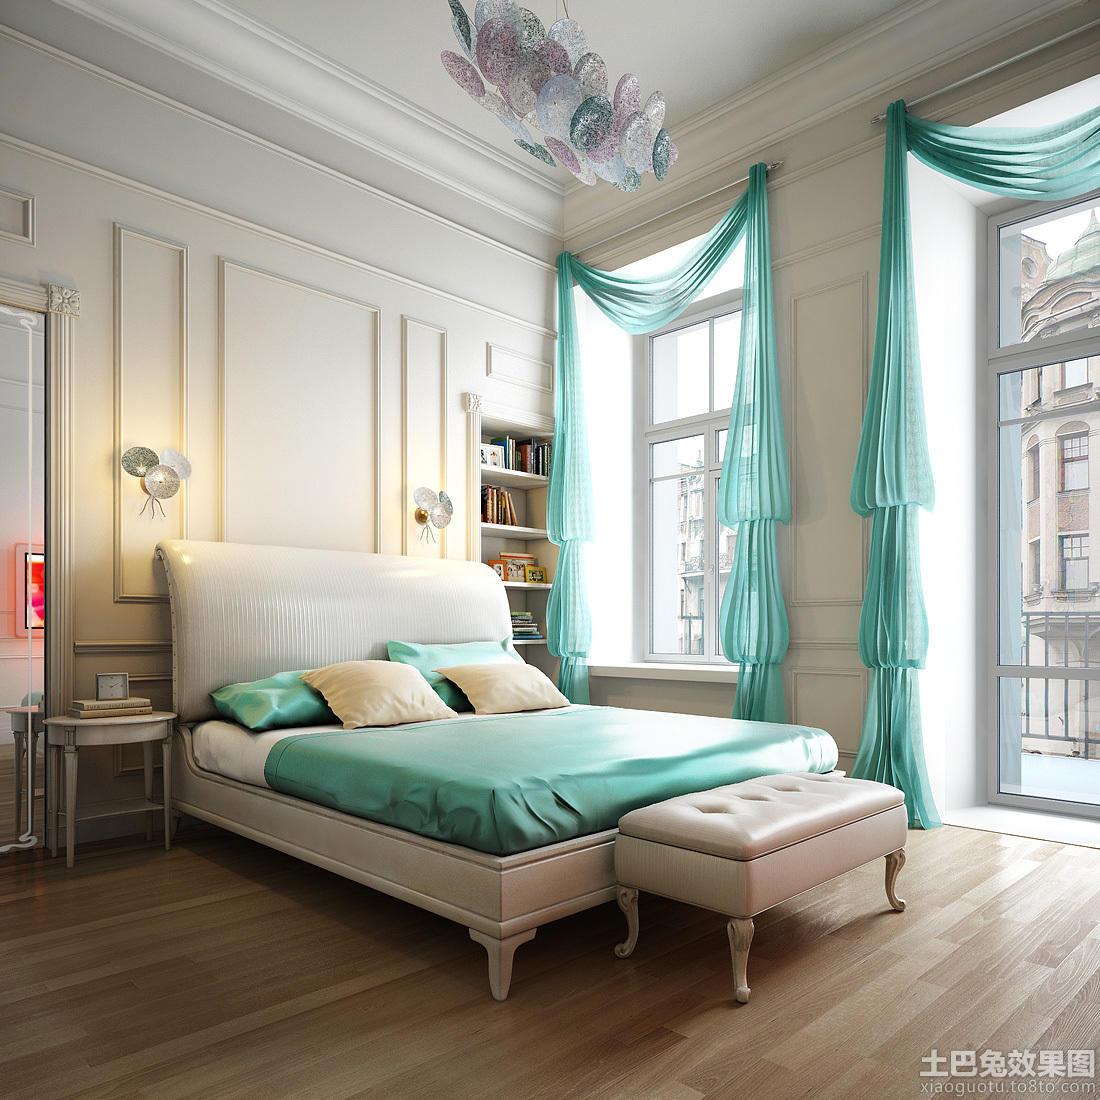 欧式房间设计 - 装修效果图 - 九正家居网图片